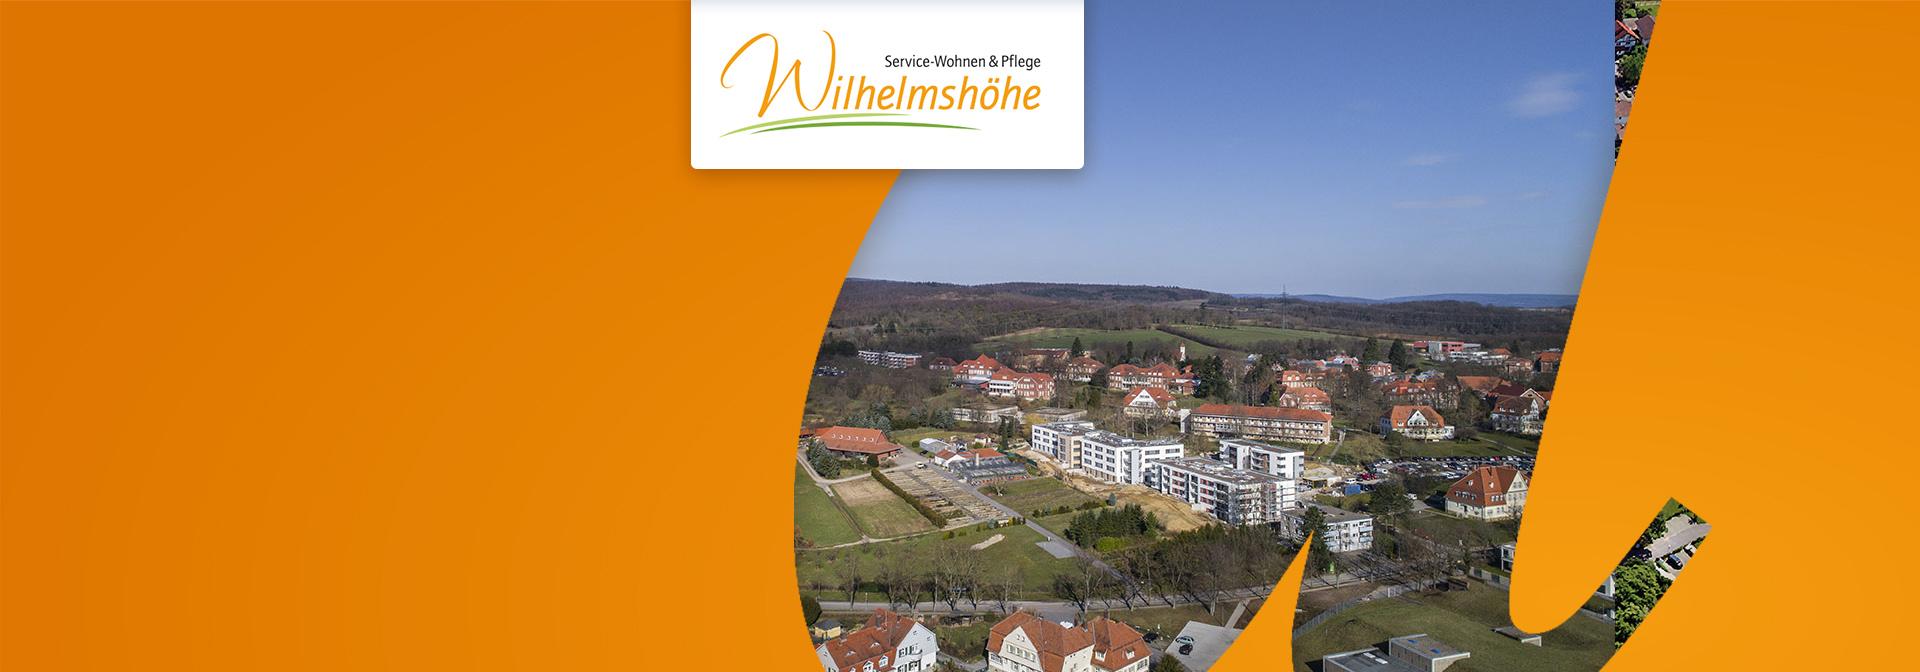 header_slider_Wilhelmshoehe_neu2.jpg